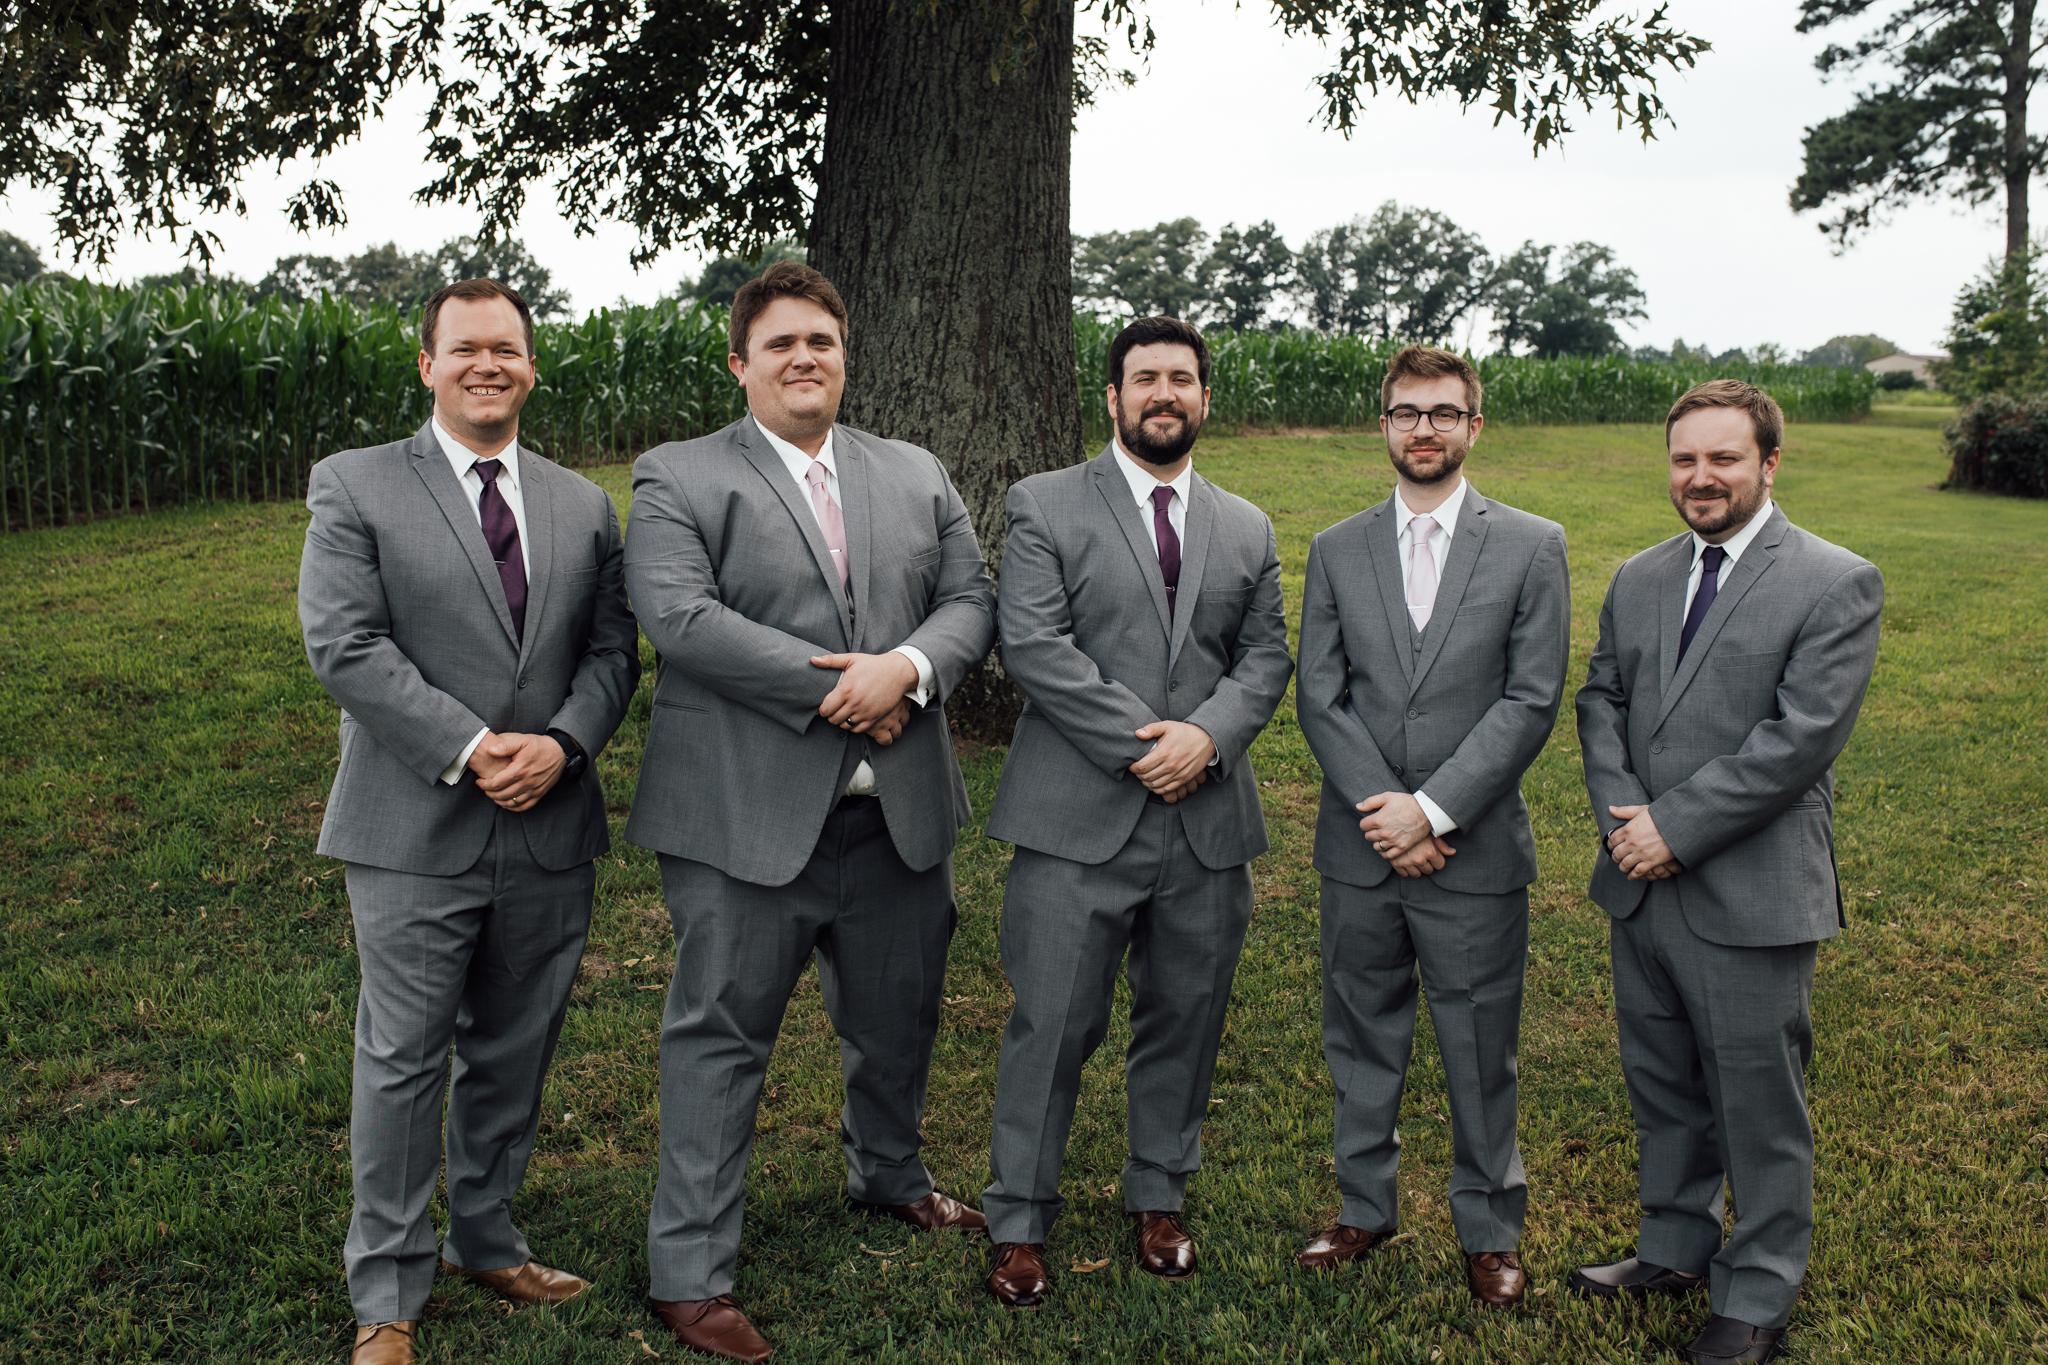 thewarmtharoundyou-wildwood-mckenzie-tn-wedding-memphis-wedding-photographers (40 of 75).jpg